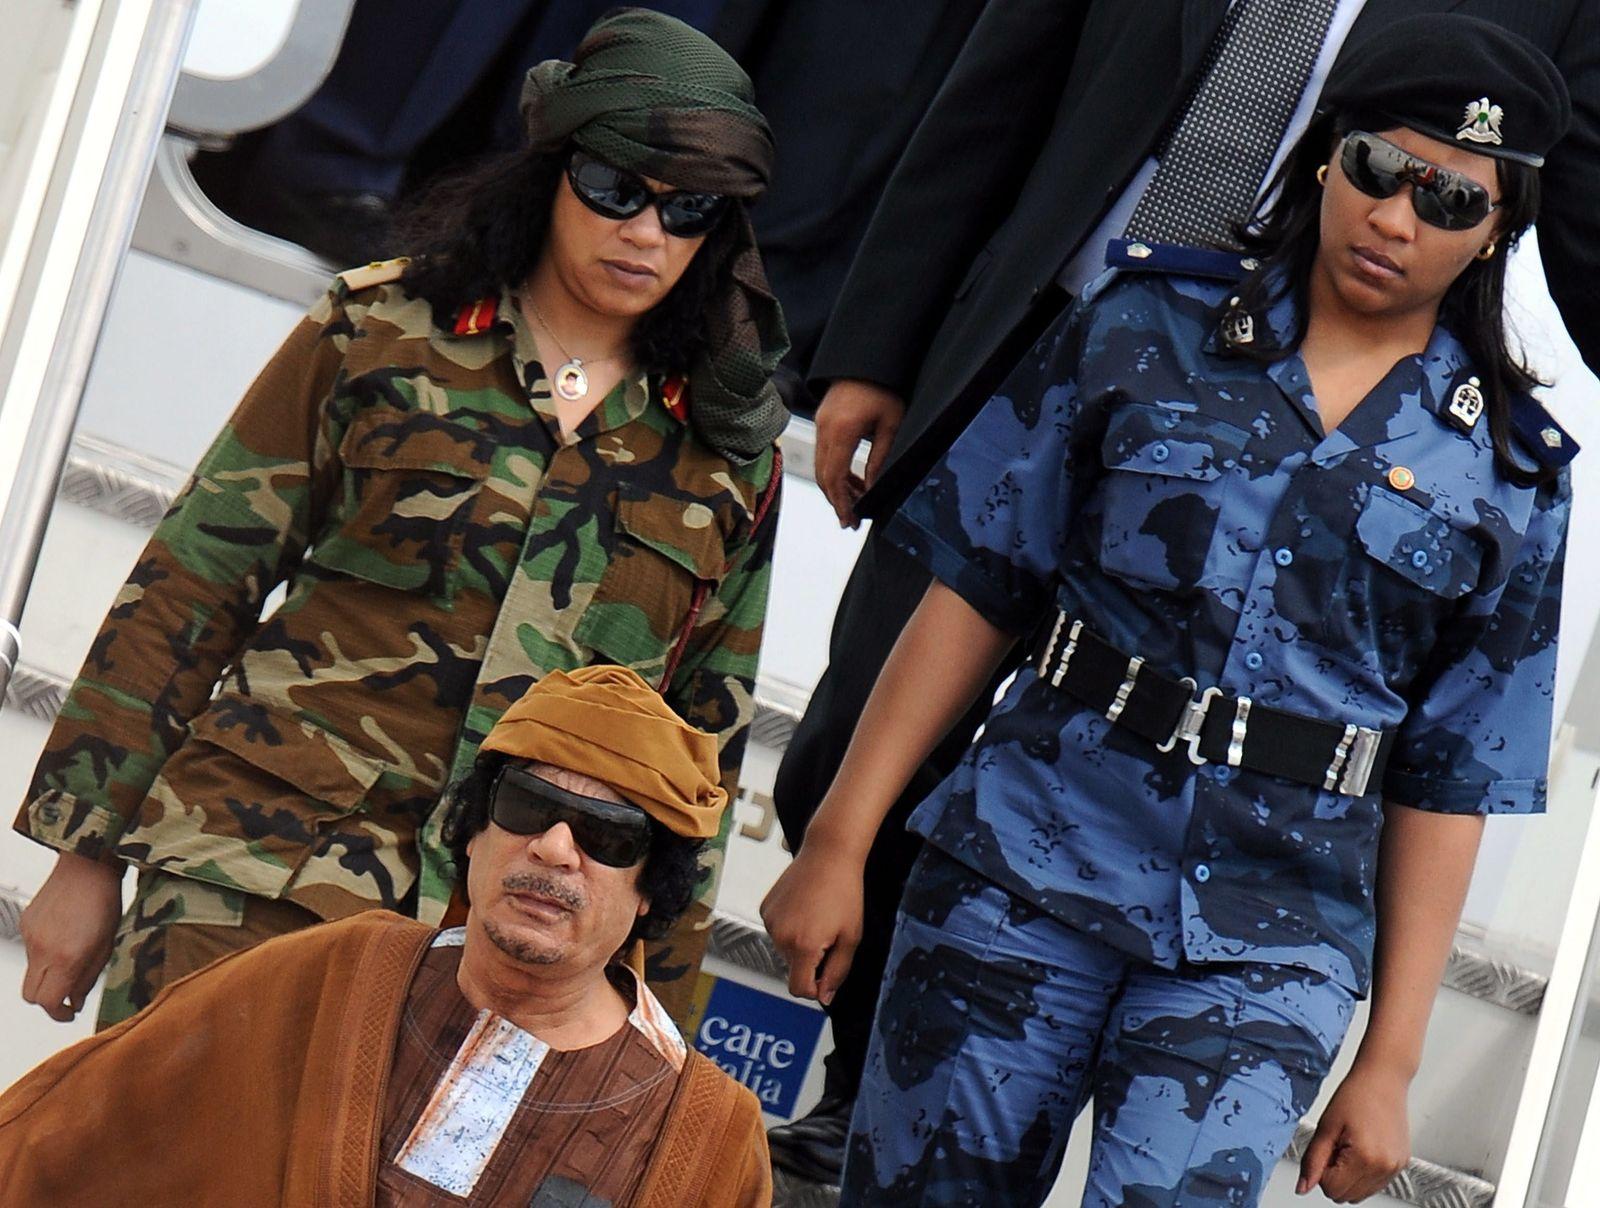 Bodyguard Frau Gaddafi